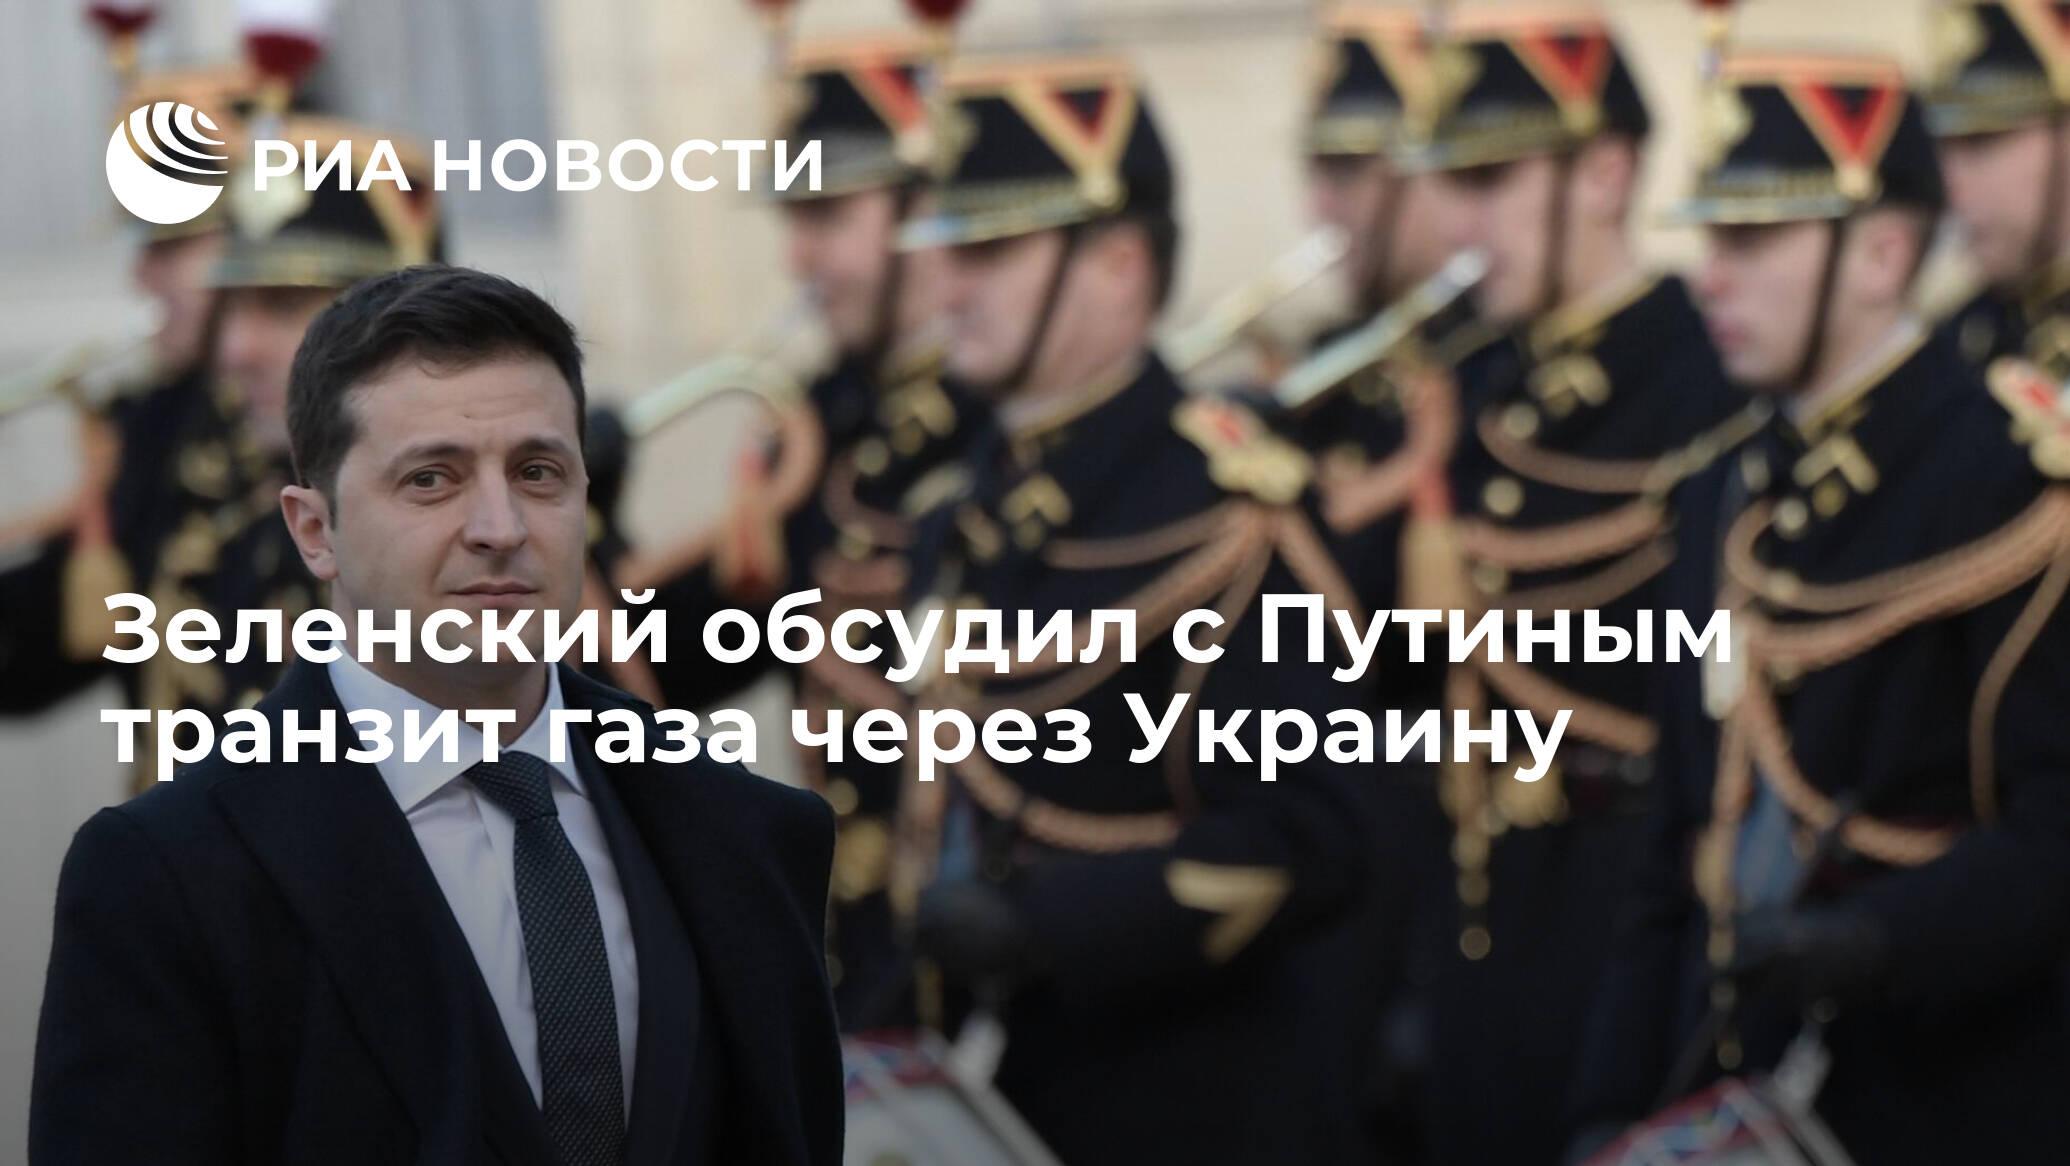 Зеленский обсудил с Путиным транзит газа через Украину